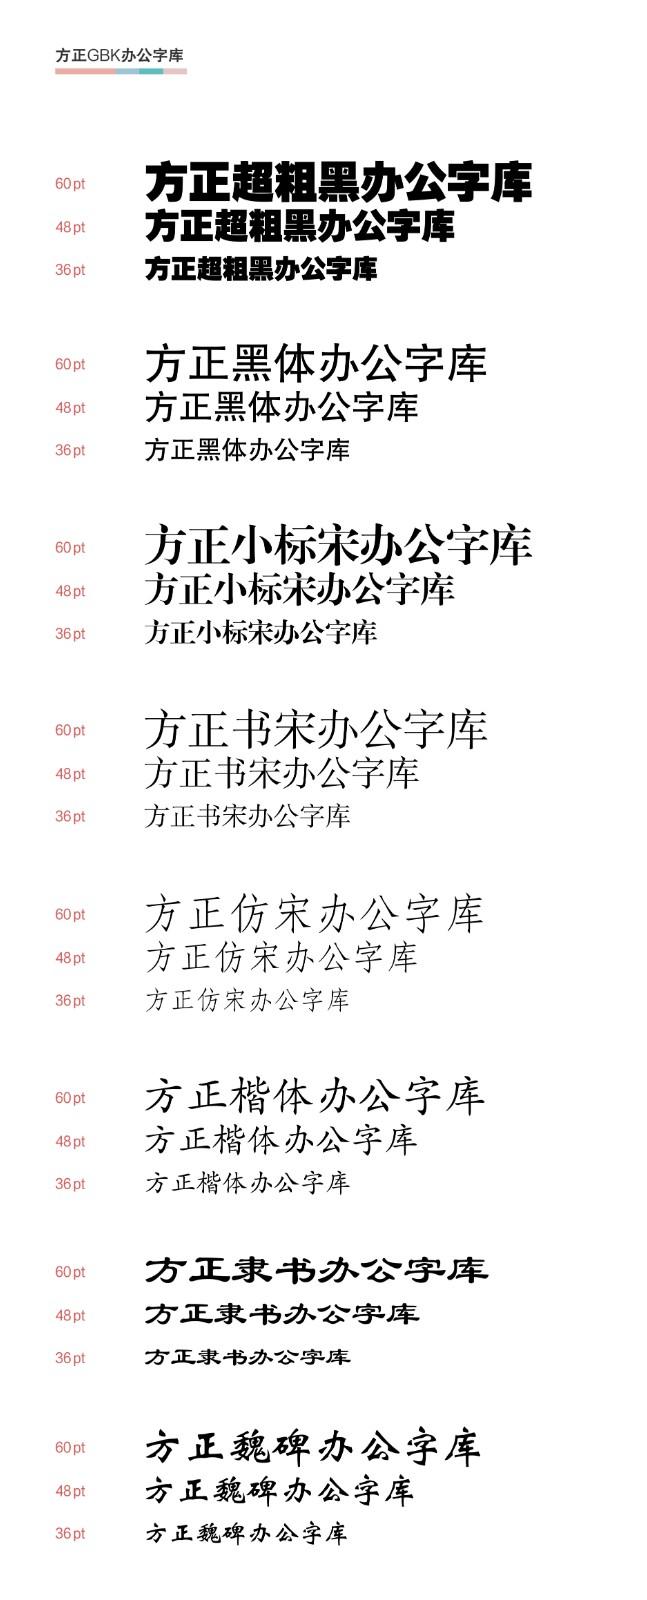 http://ft-bk1.oss-cn-zhangjiakou.aliyuncs.com/Public/Uploads/img/n_content_20200810174335_1551.jpg